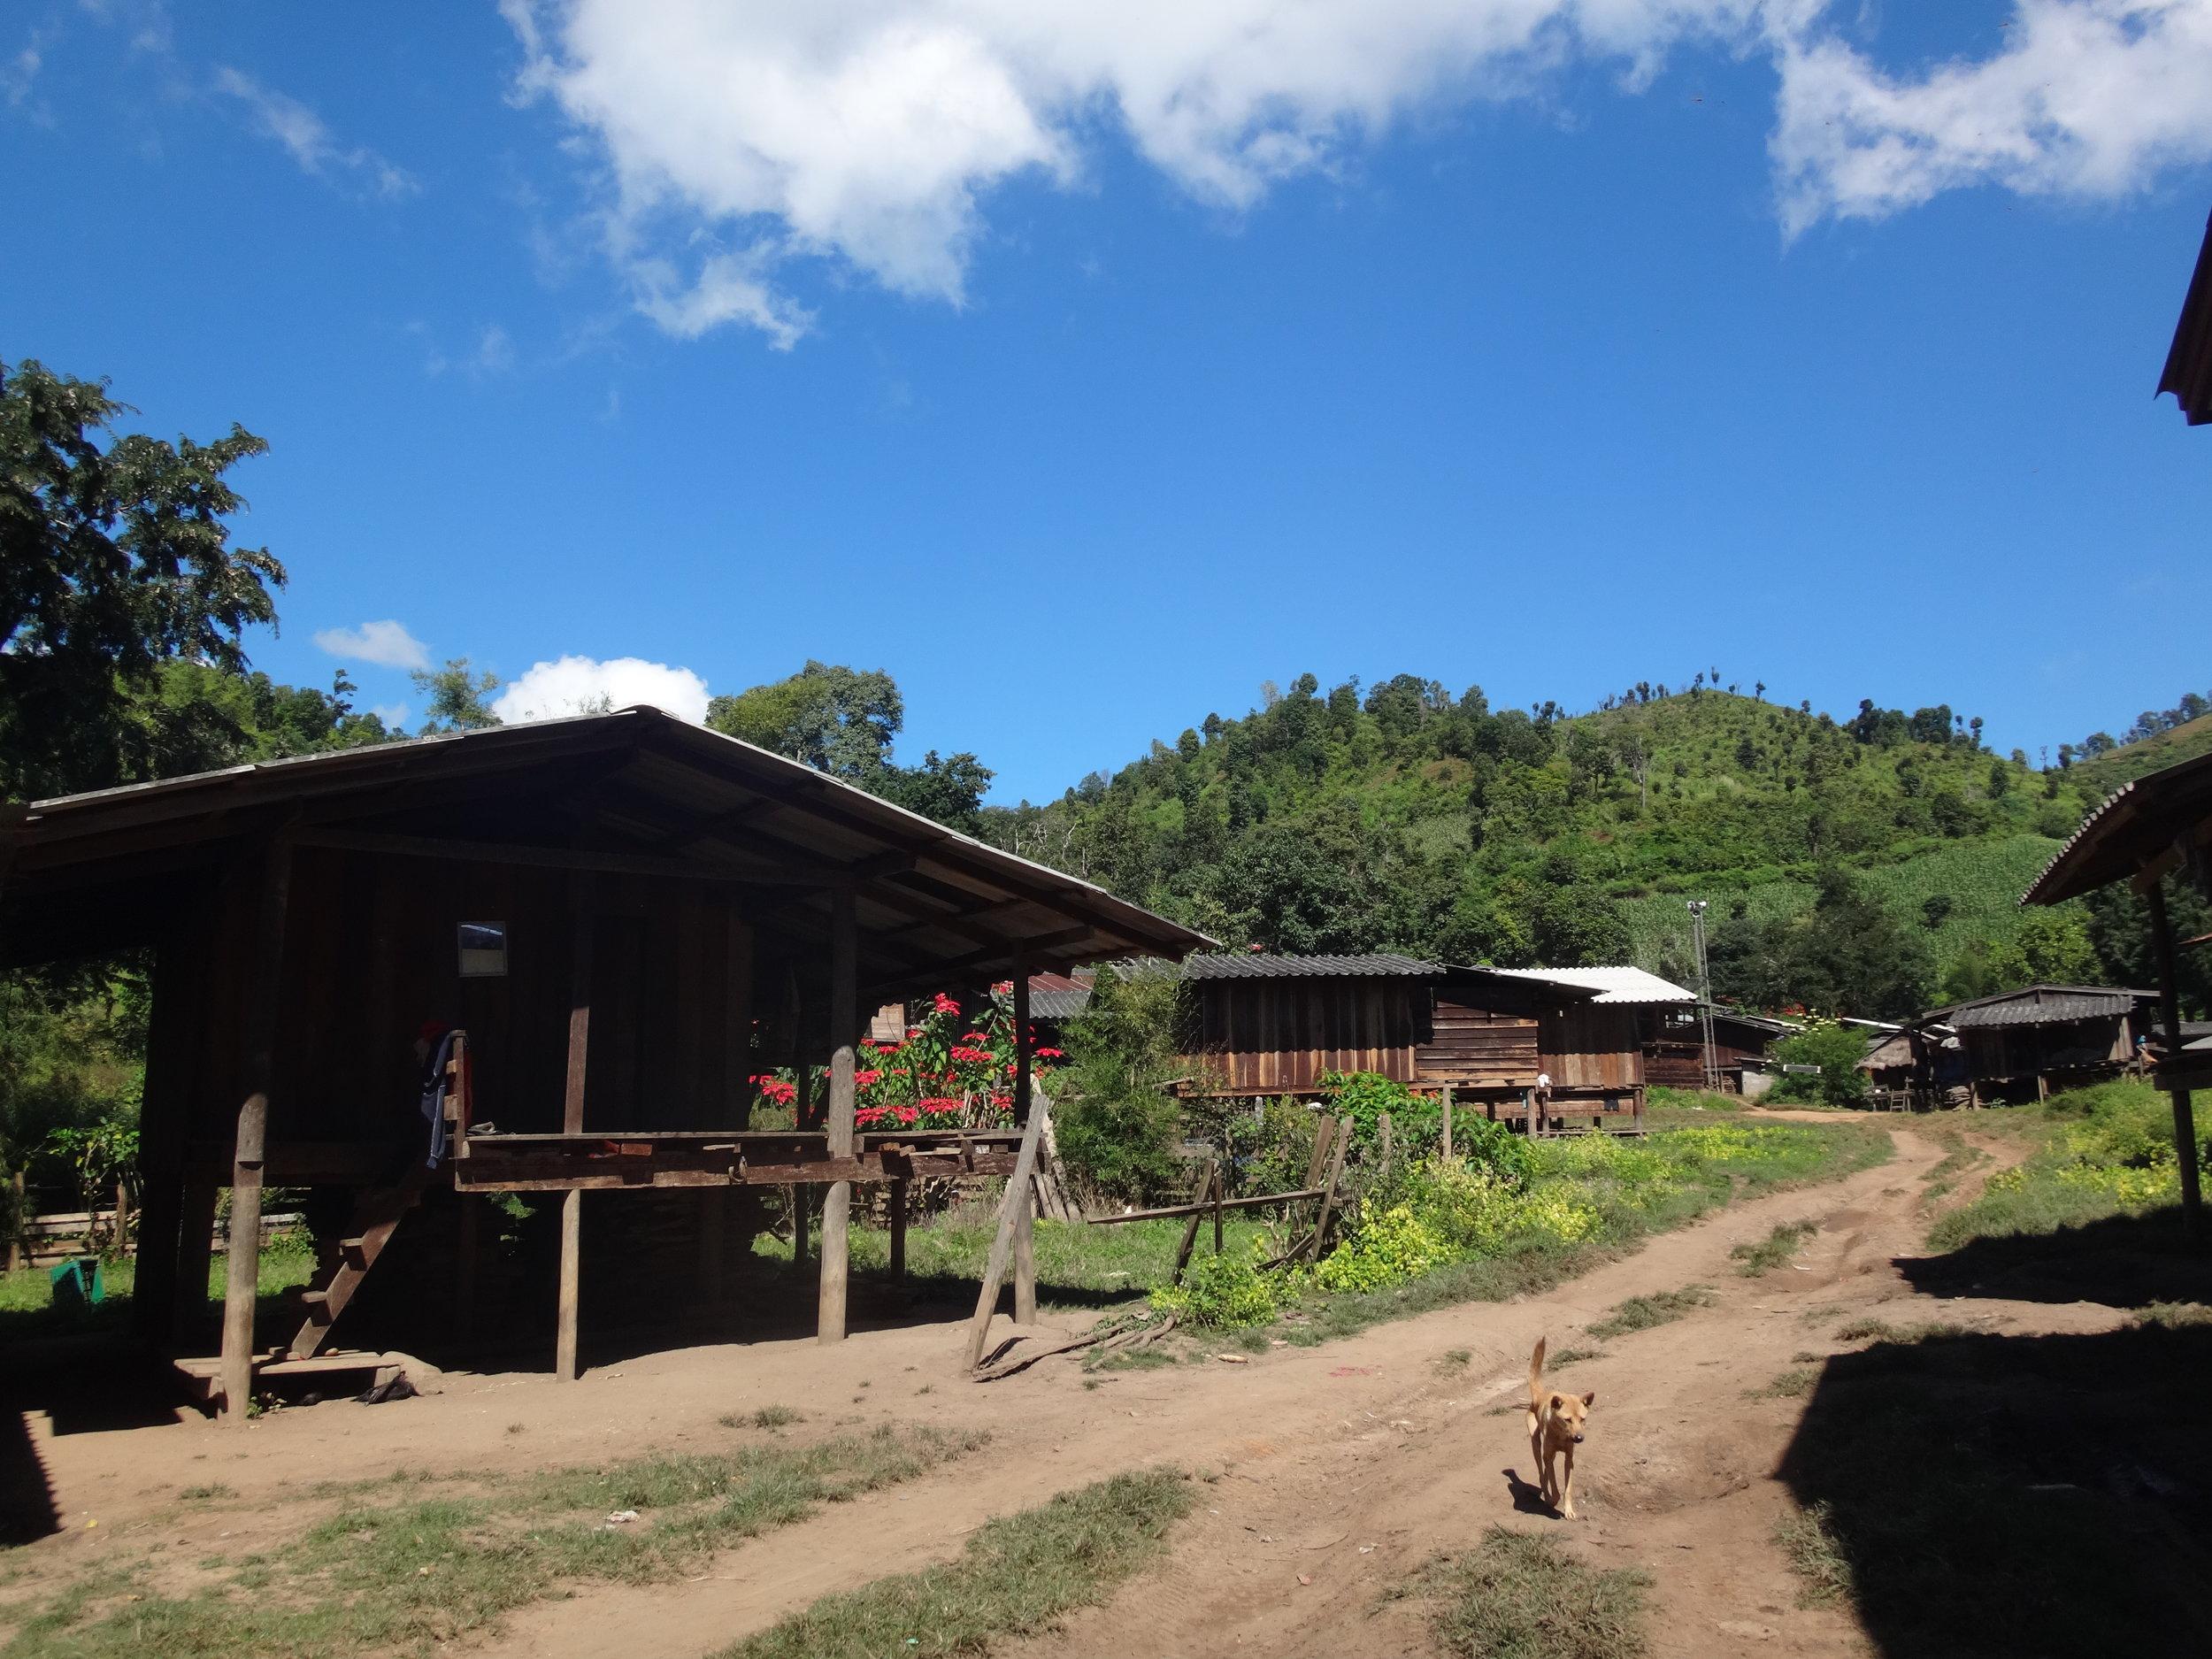 Kylä, jossa kukaan ei ollut tavannut ulkomaalaisia ihmisiä. Kuvassa paikallisten koteja.